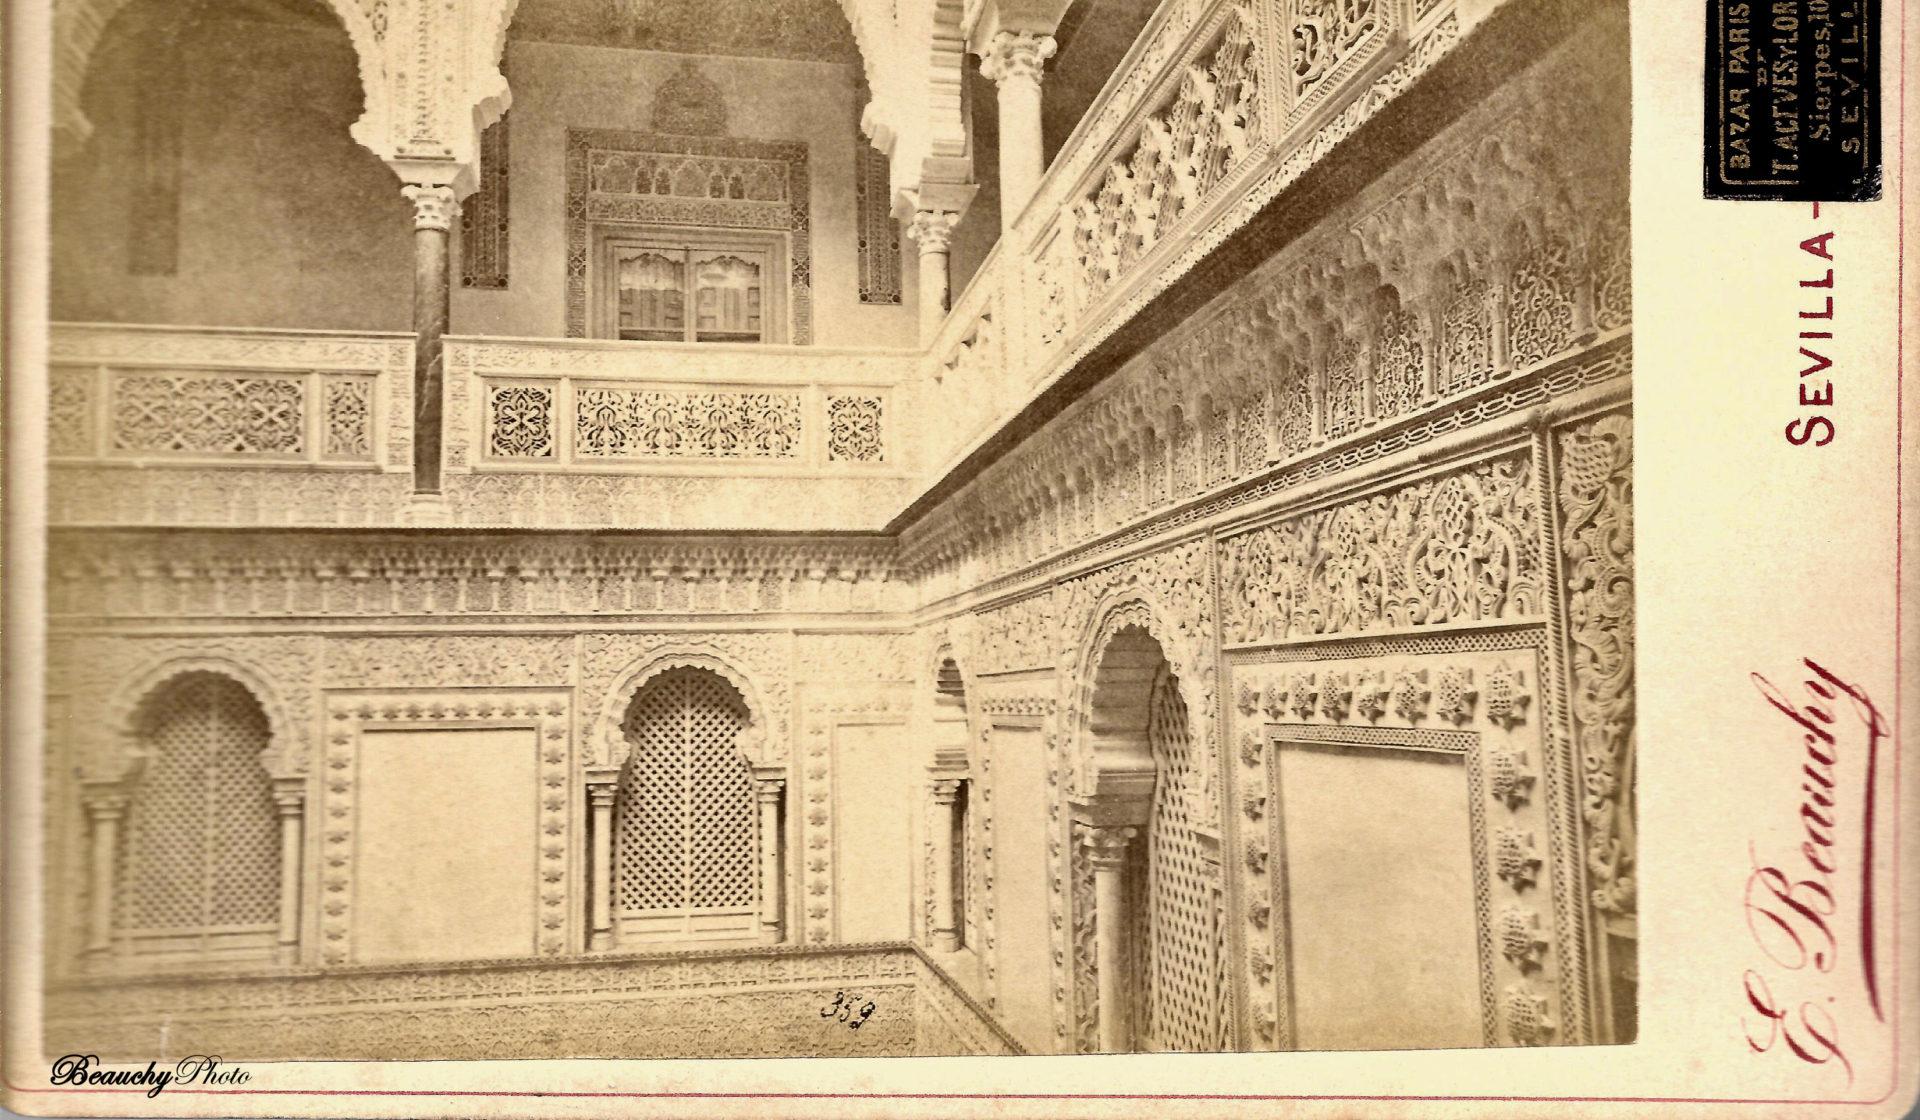 Detalle del piso superior del Patio de las Muñecas del Alcázar de Sevilla